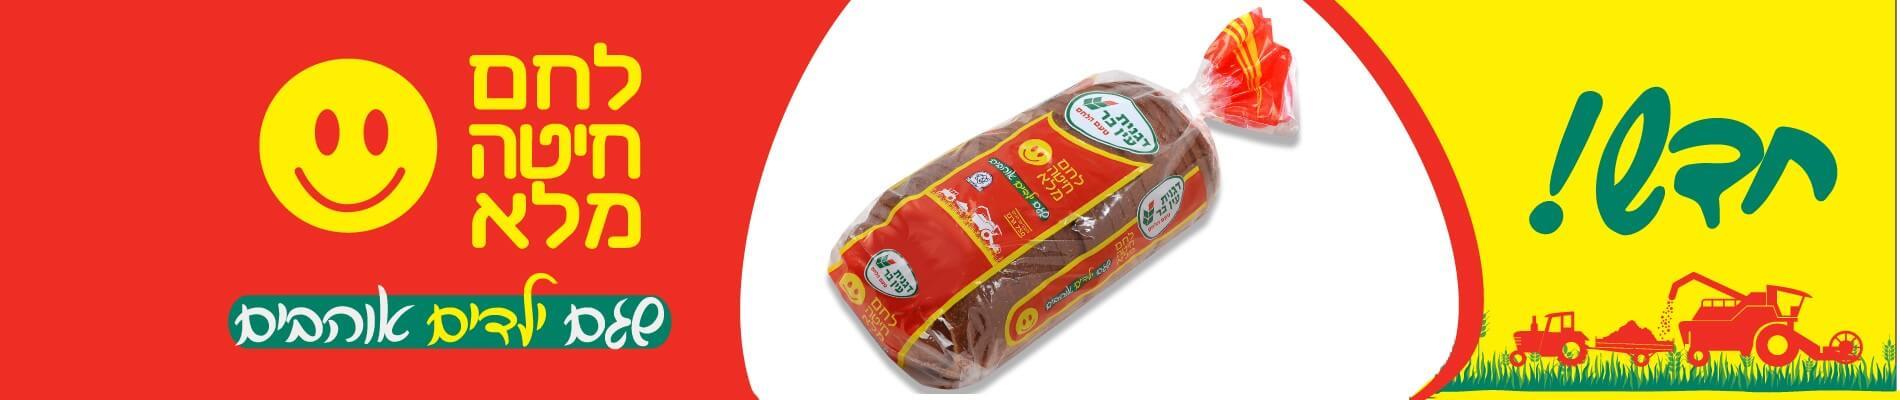 חדש! לחם חיטה מלא שגם ילדים אוהבים